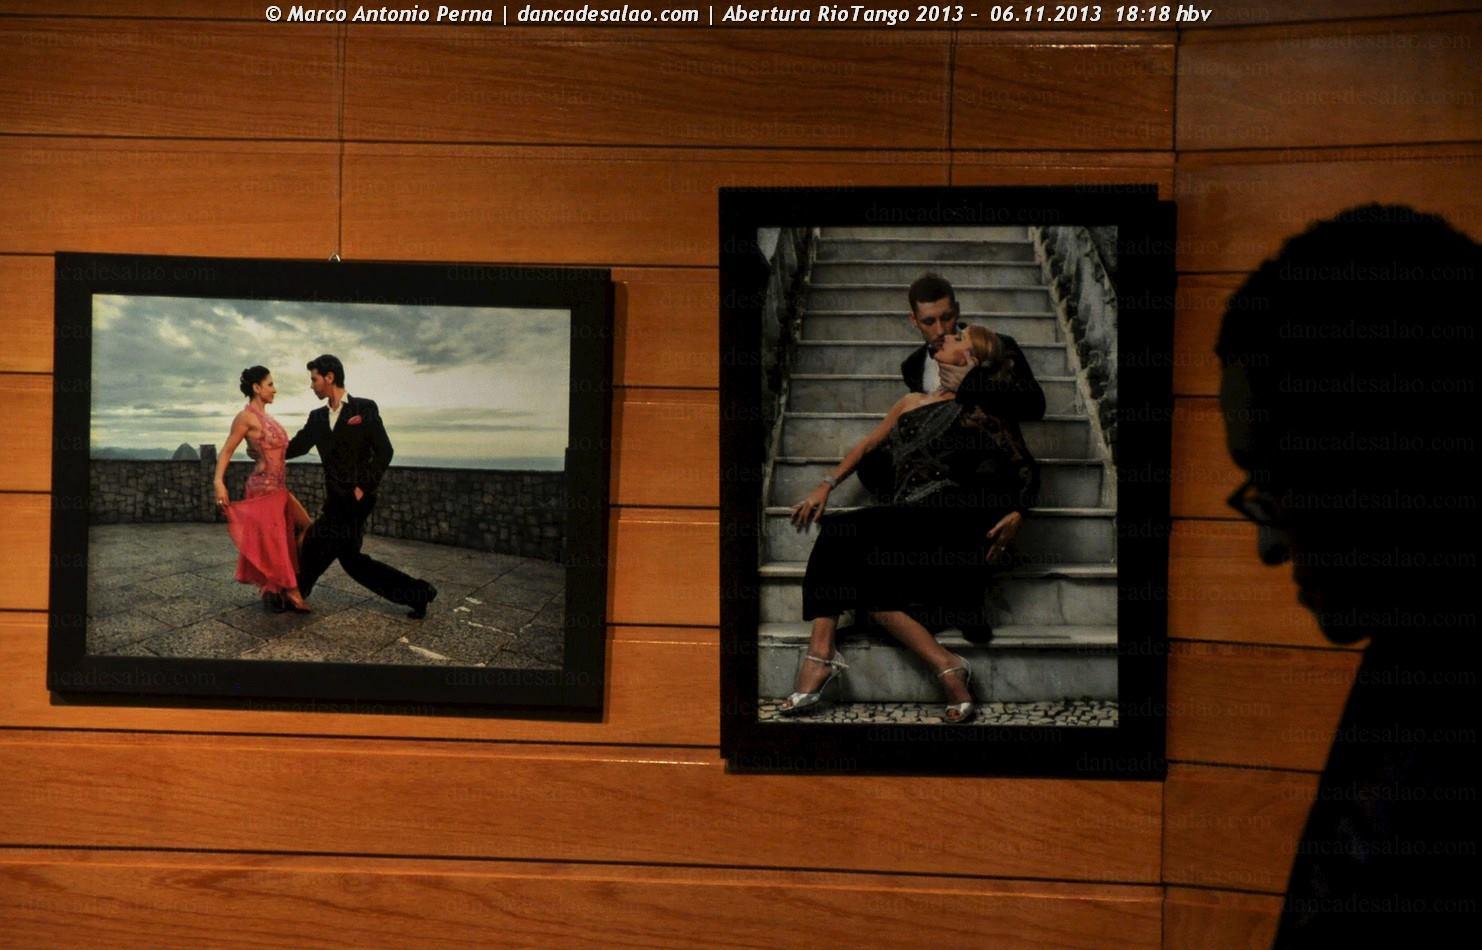 Abertura Rio Tango Festival em 6 de novembro de 2013 - Tiradas no Consulado Geral da Argentina do Rio de Janeiro